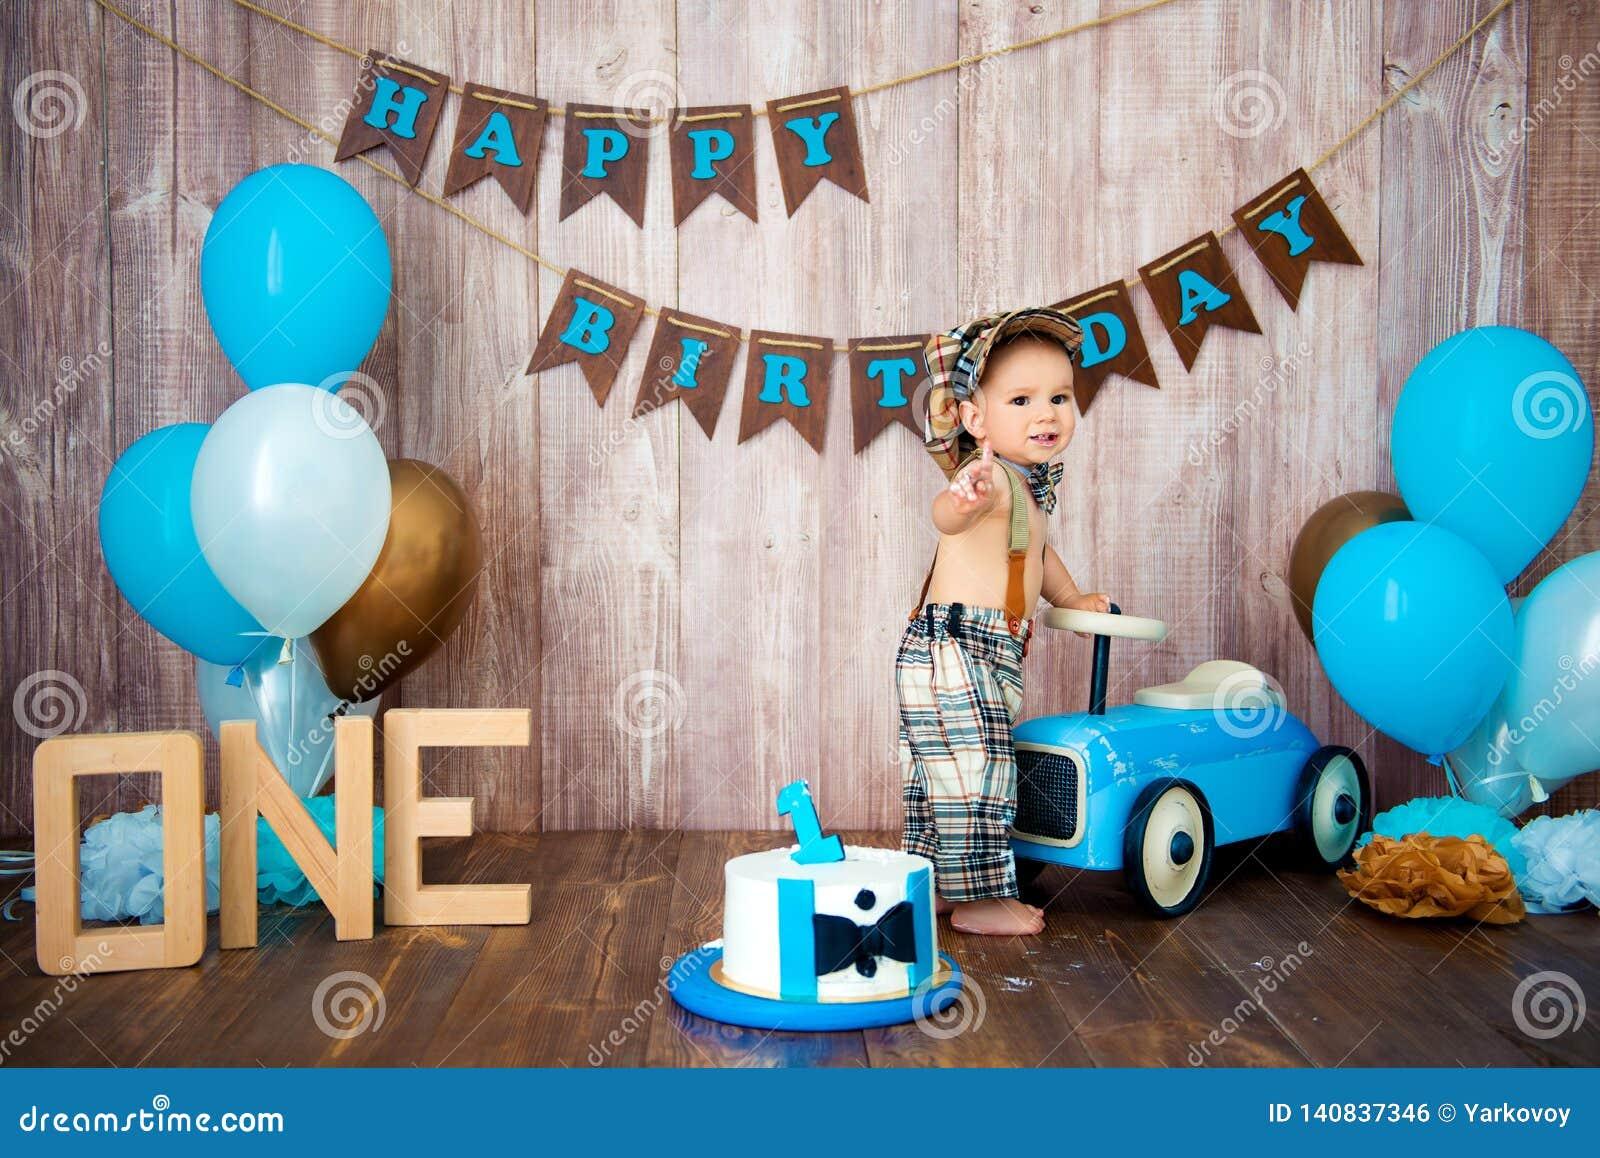 Photoshoot一个小男孩绅士的易碎smashcake 与一辆木减速火箭的汽车和氦气气球的装饰的photozone 愉快